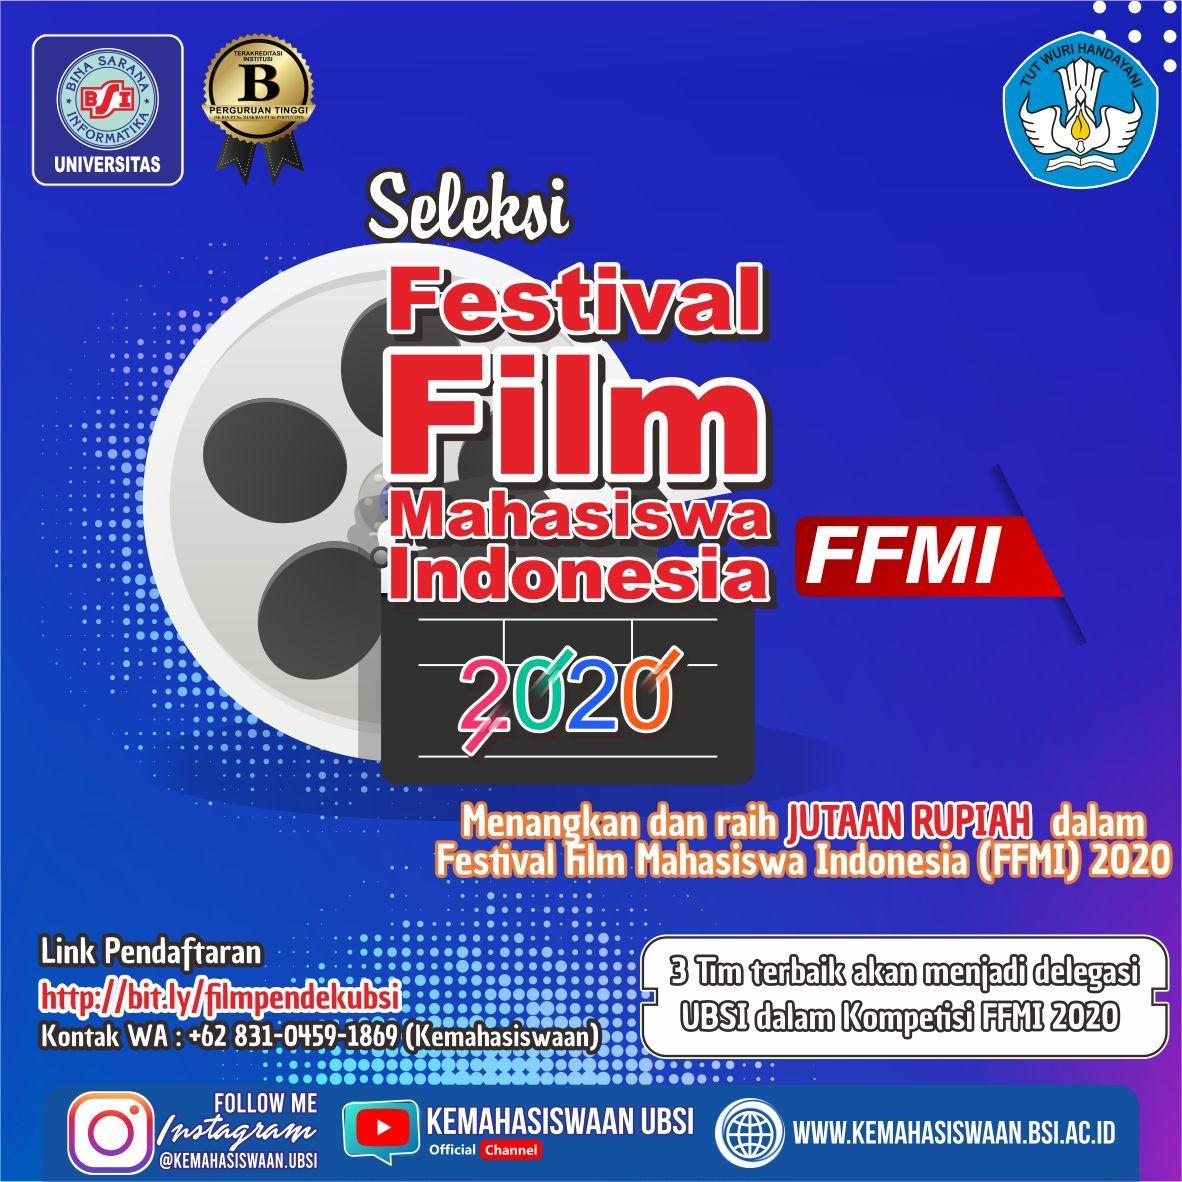 SELEKSI FESTIVAL FILM MAHASISWA INDONESIA 2020